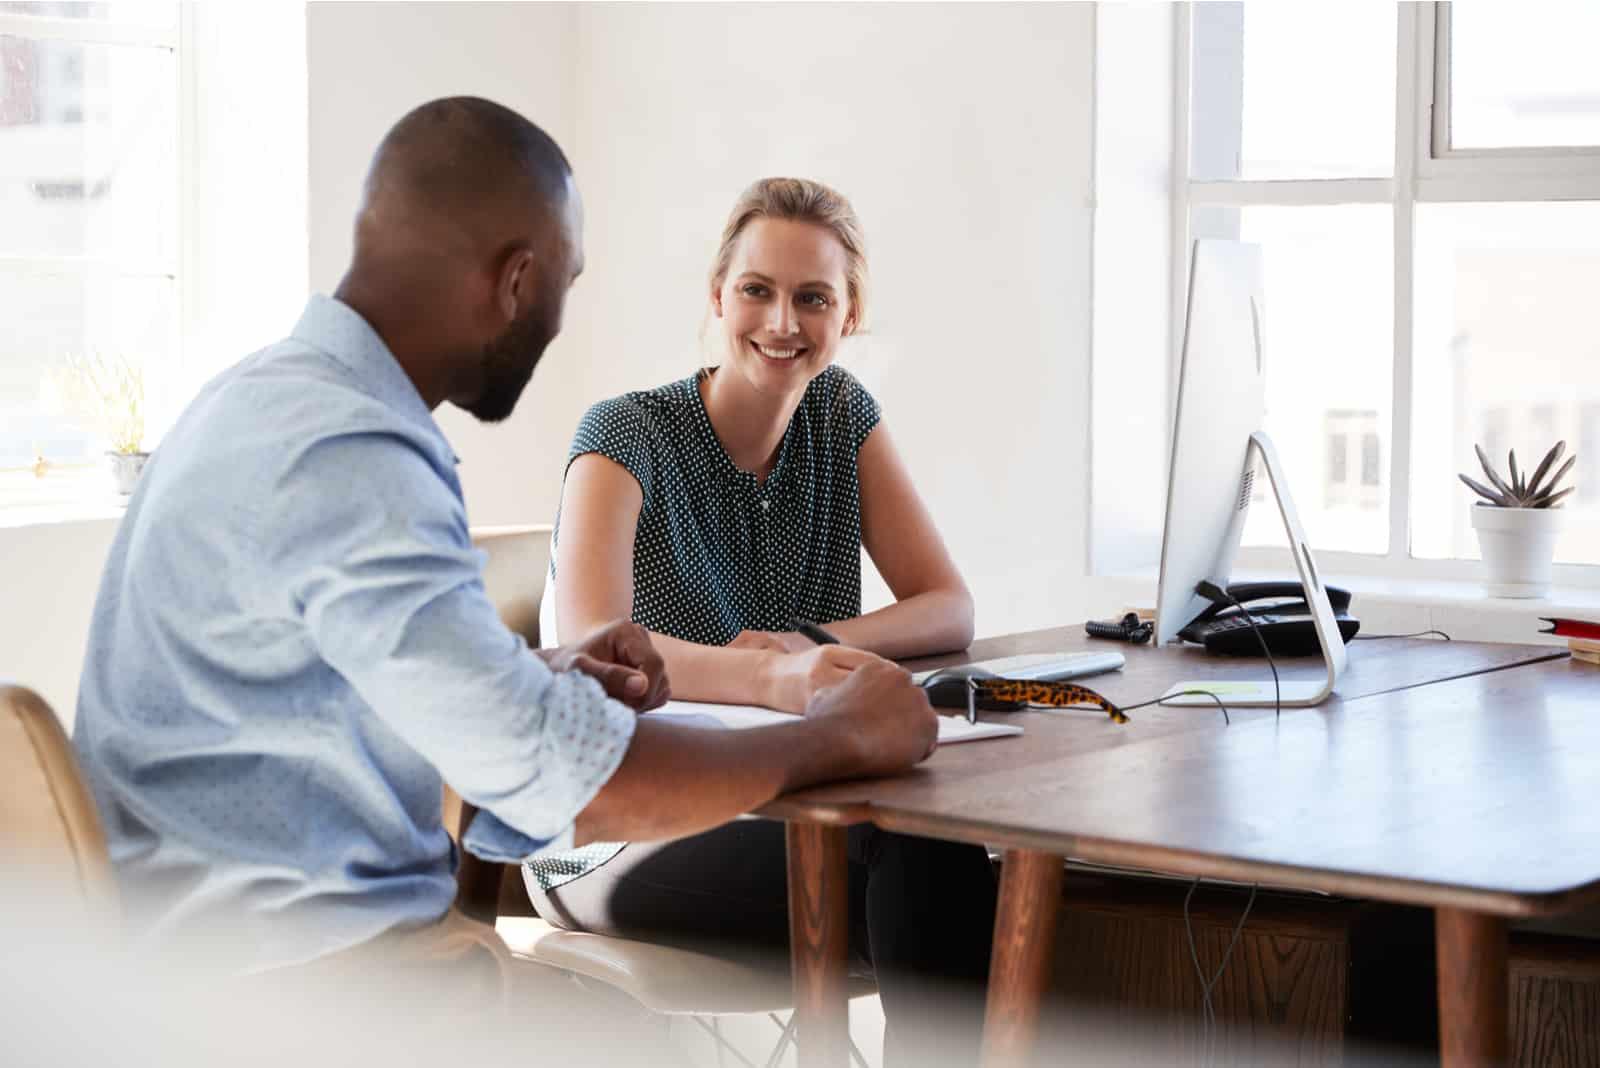 ein Mann und eine Frau unterhalten sich bei der Arbeit